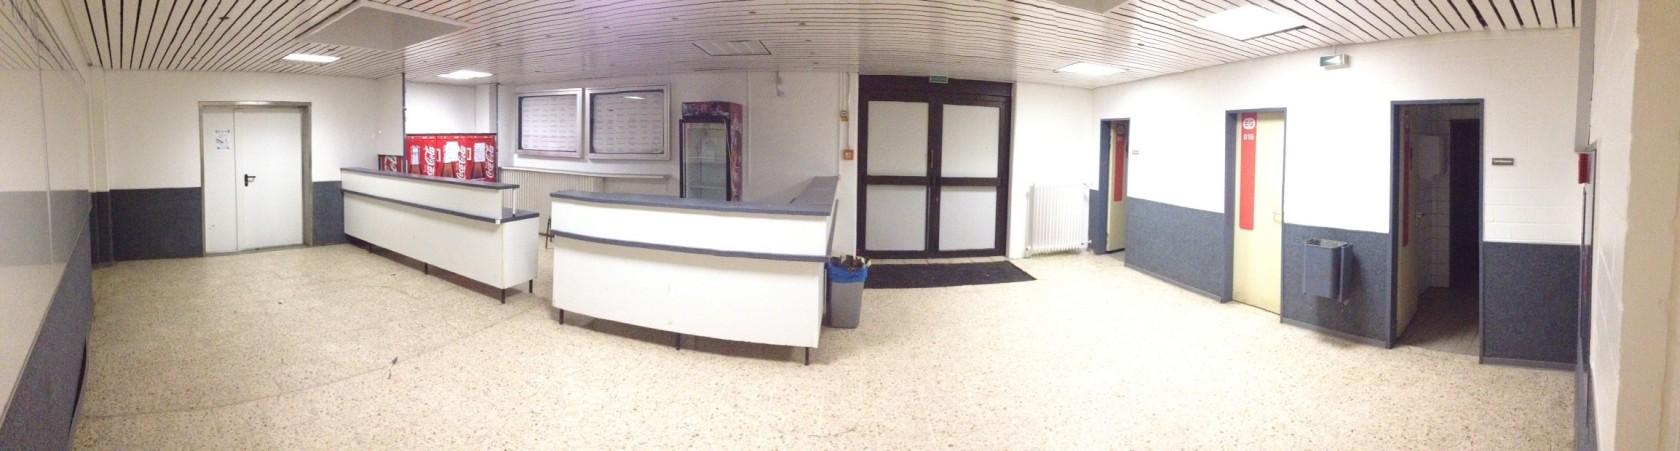 Bewirtungsraum Eichendorffhalle 2015